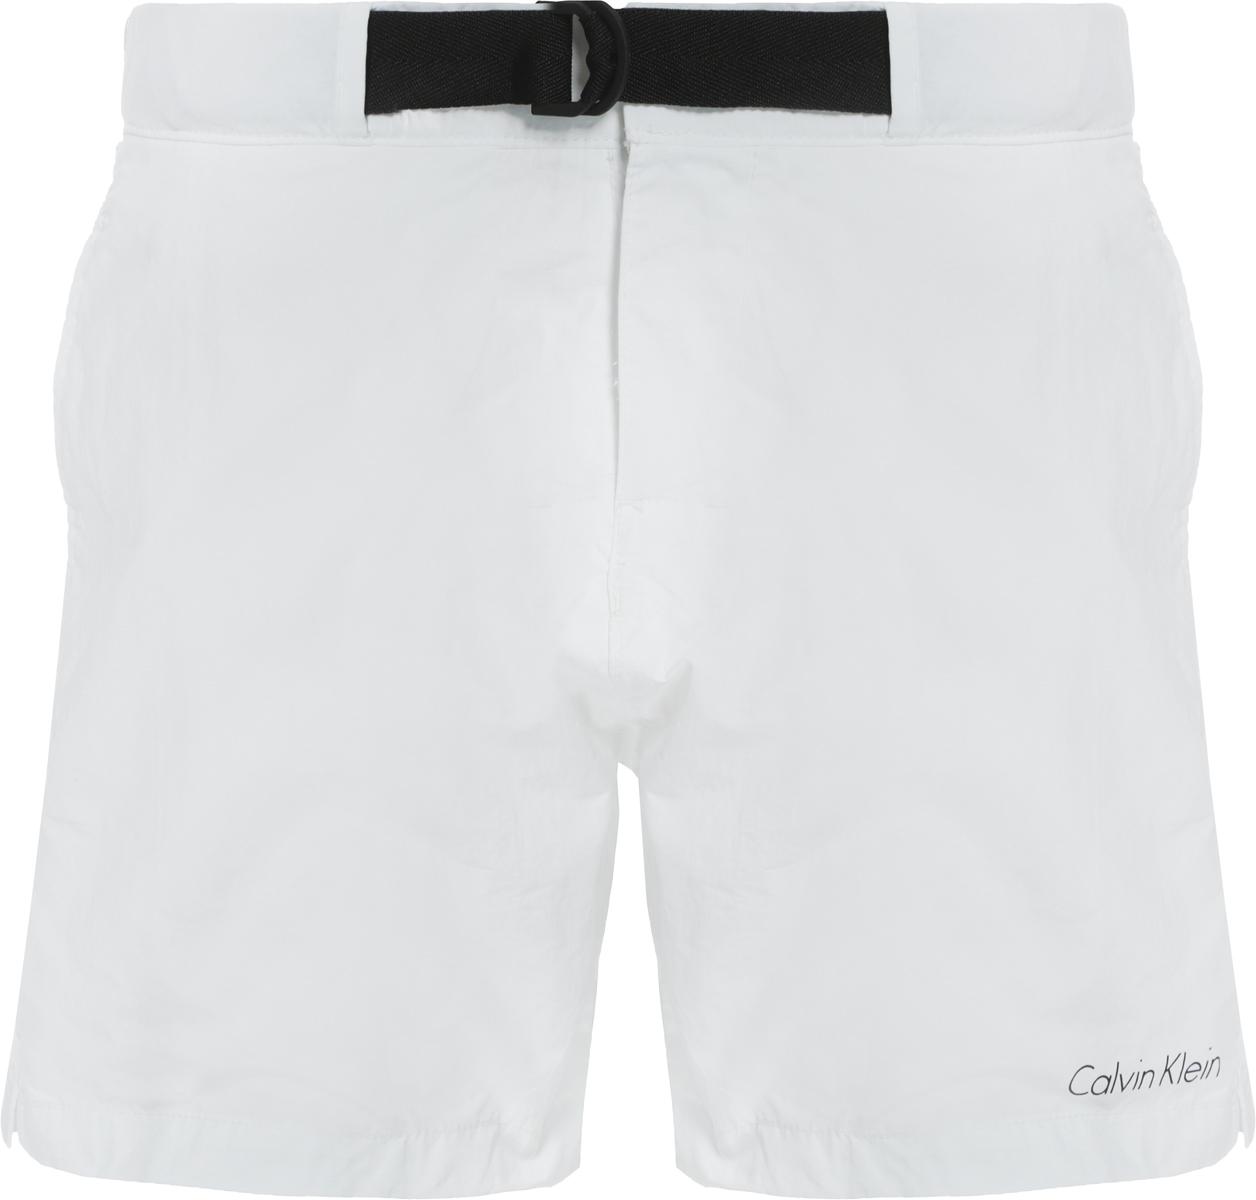 Шорты купальные мужские Calvin Klein Underwear Core Neo, цвет: белый. KM0KM00172. Размер L (50)KM0KM00172Мужские шорты для плавания Calvin Klein Underwear выполнены из мягкого полиамида с сетчатой подкладкой. Удобная посадка и текстильный пояс с фиксатором на талии обеспечат наибольший комфорт. Модель дополнена двумя боковыми карманами и карманом на застежке-молнии на правом бедре, вдоль которого расположен контрастный принт с названием бренда.